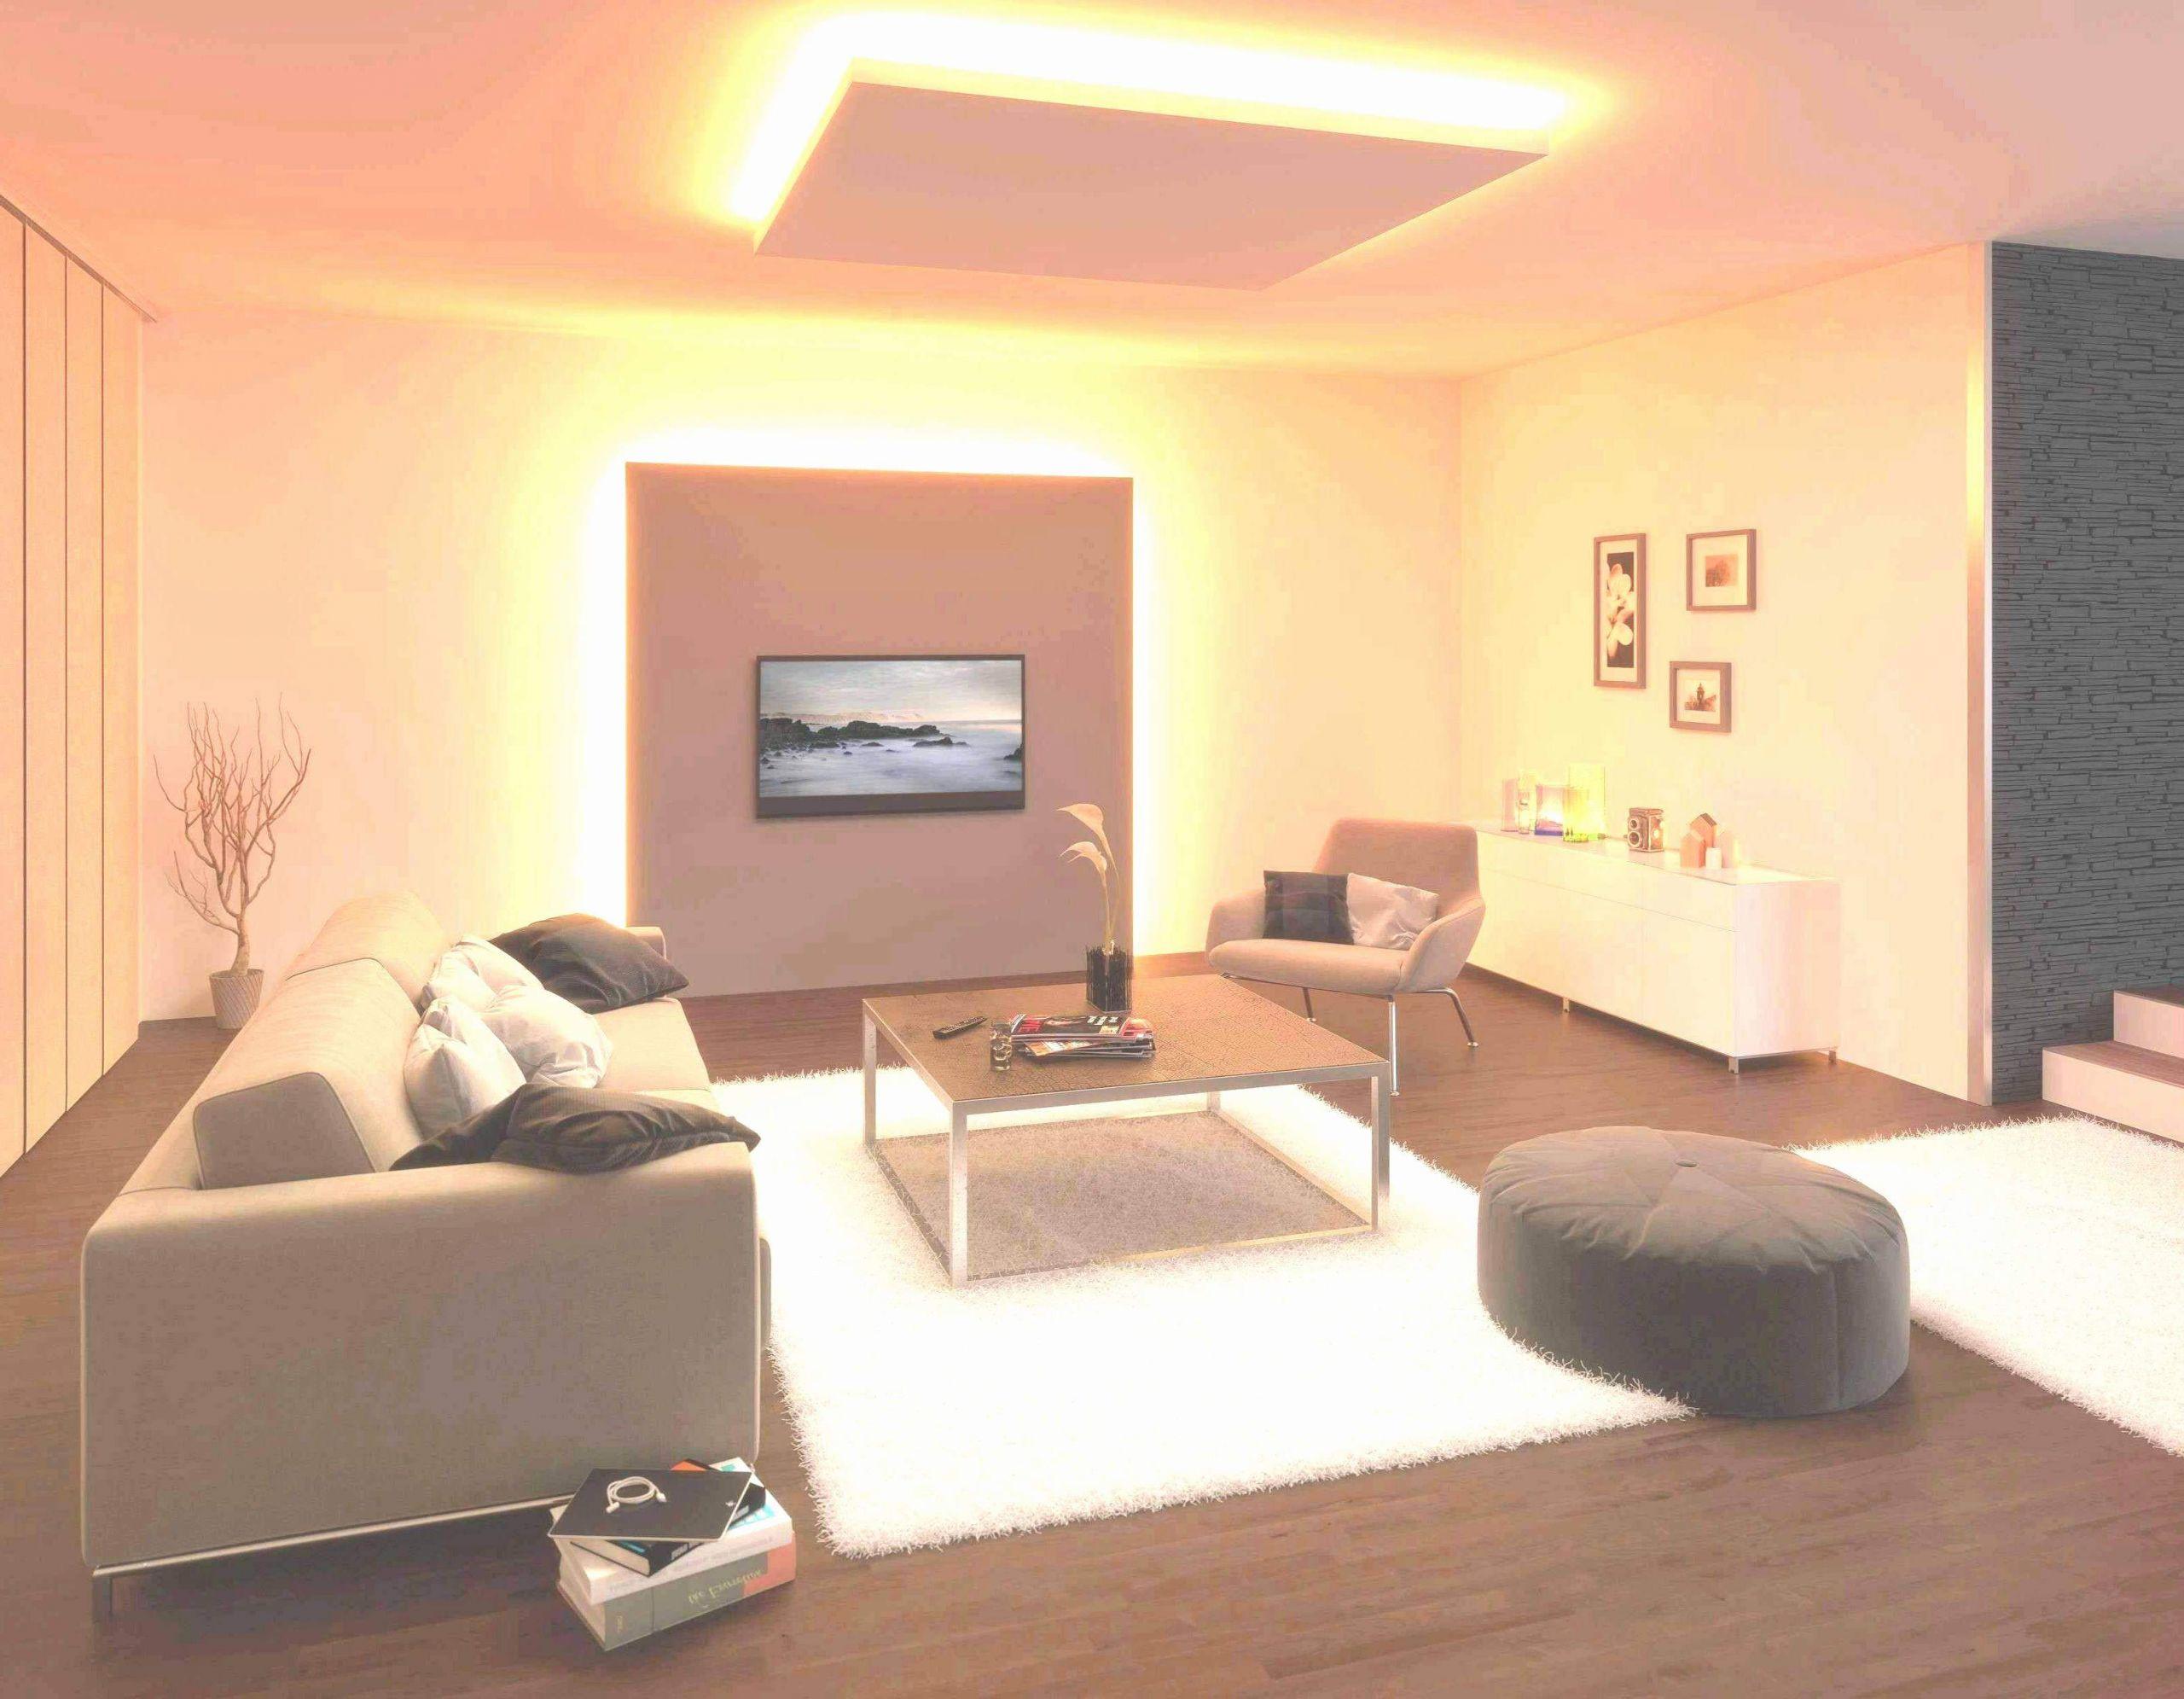 Full Size of Wohnzimmer Leuchten Ikea Lampen Lampe Von Stehend Decke Design Das Beste Unique Küche Kosten Relaxliege Moderne Bilder Fürs Tisch Schlafzimmer Deckenlampe Wohnzimmer Wohnzimmer Lampe Ikea